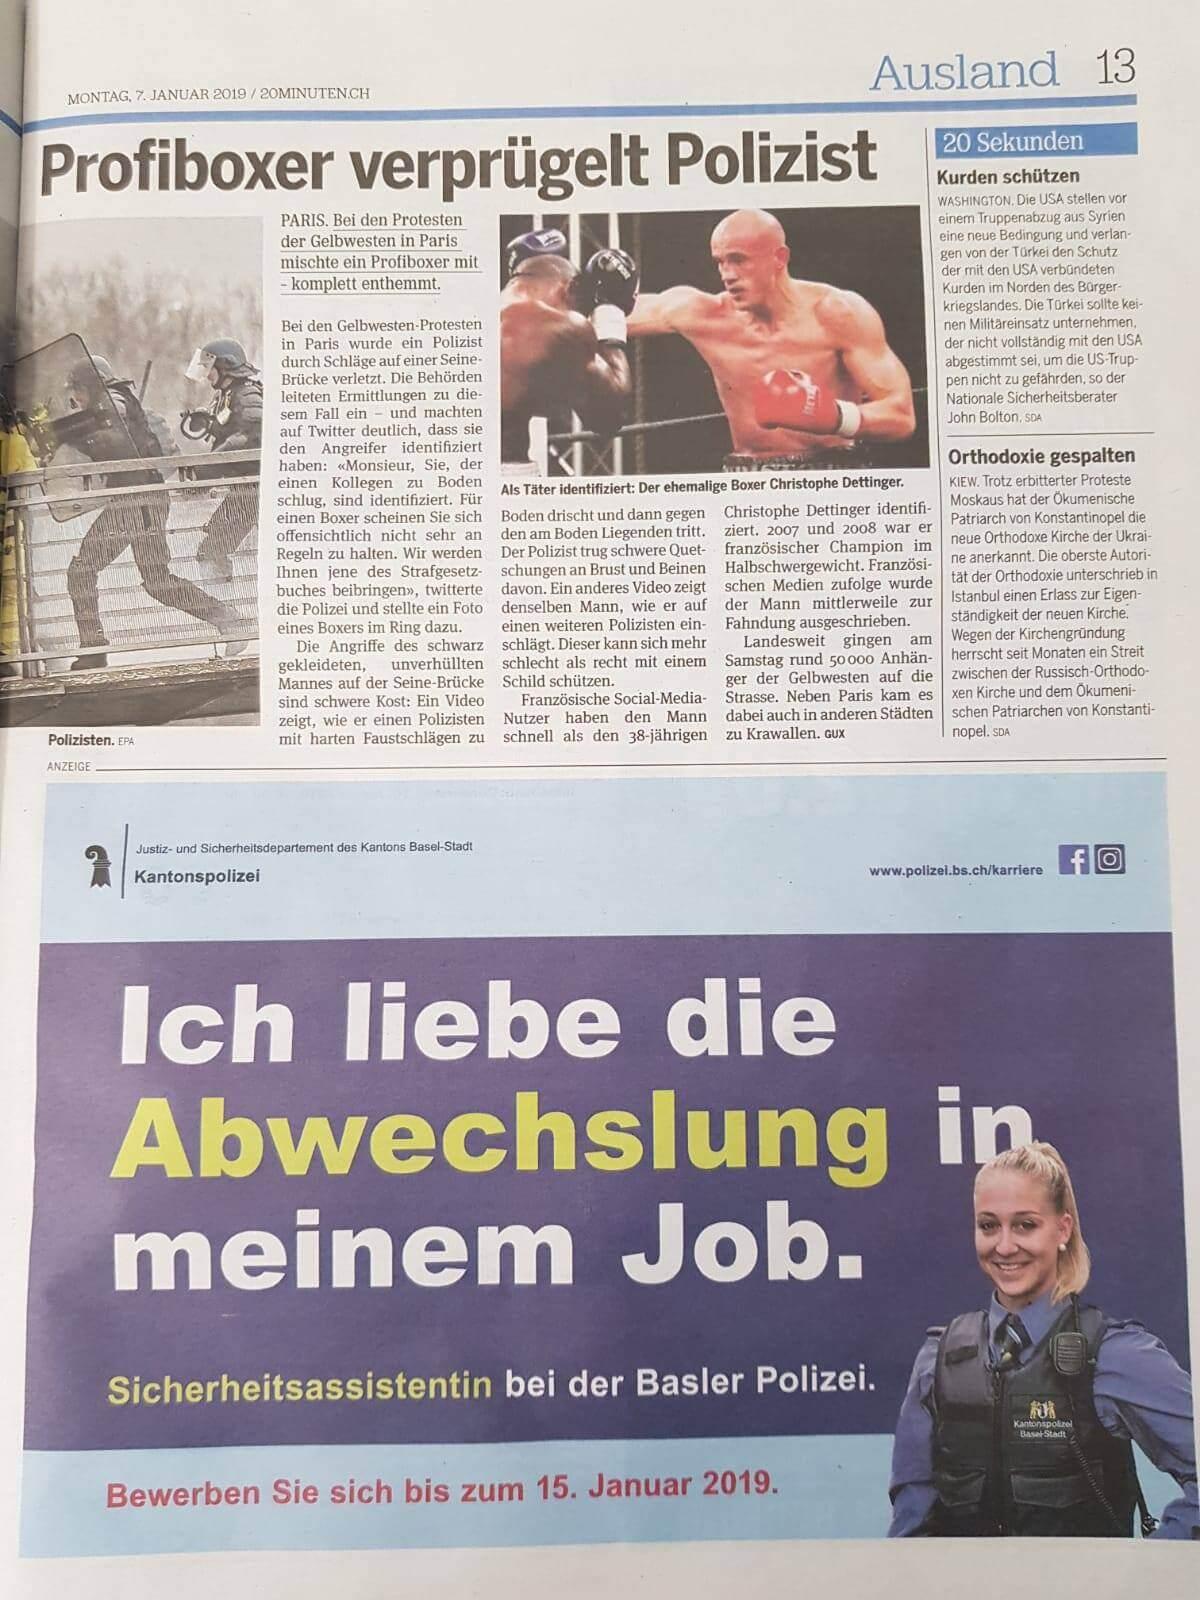 Bilderparade DXXXIII LangweileDich.net_Bilderparade_DXXXIII_72